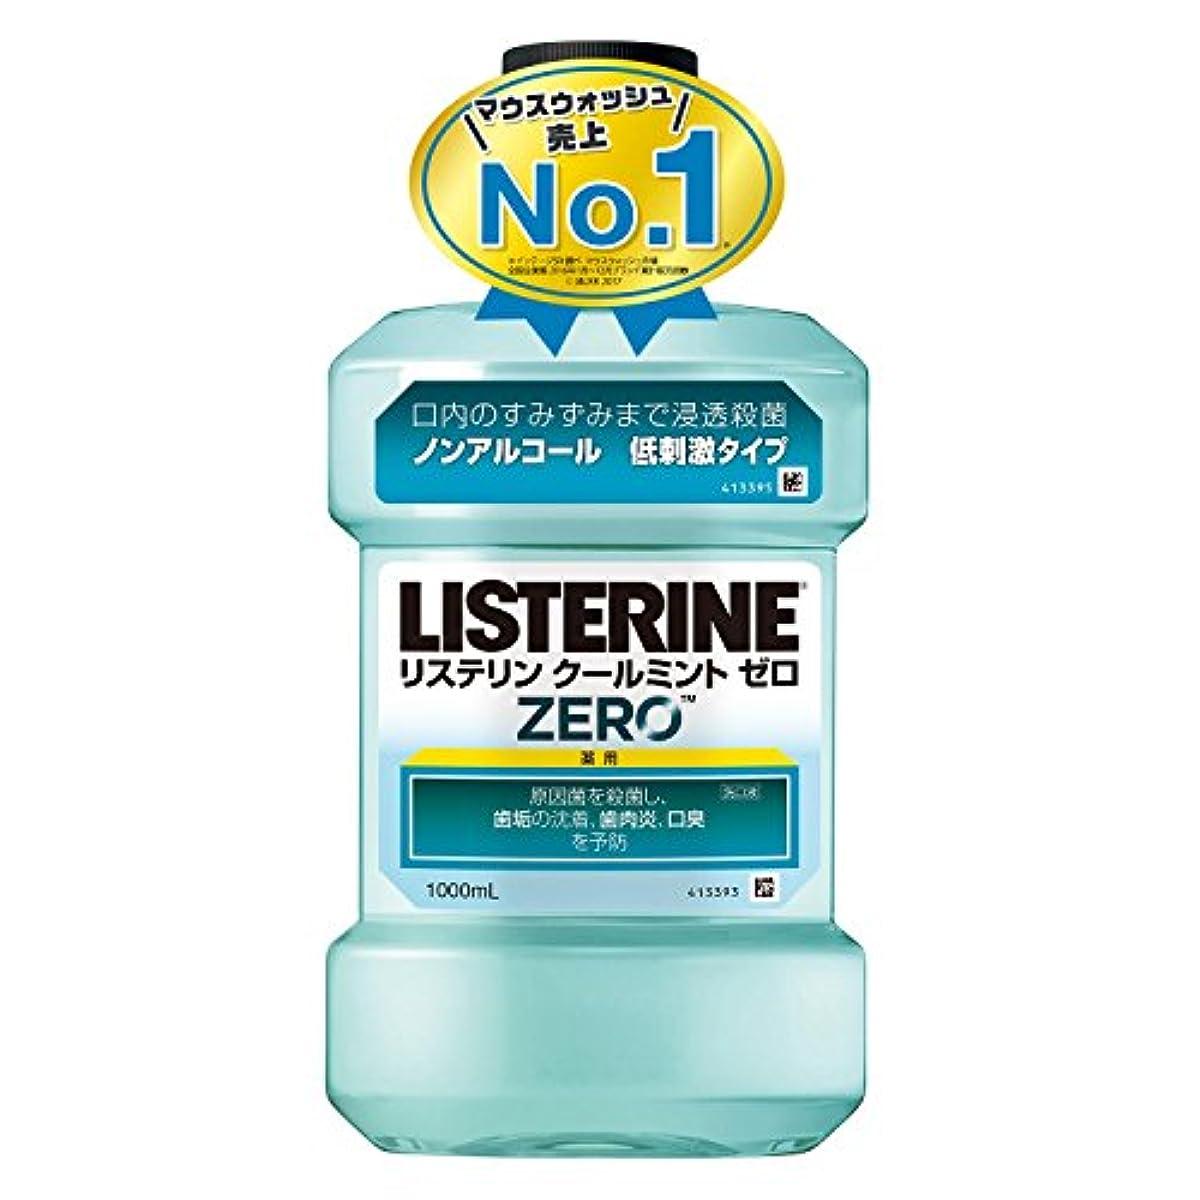 機知に富んだ牧師どうしたの[医薬部外品] 薬用 リステリン マウスウォッシュ クールミント ゼロ 1000mL ノンアルコールタイプ